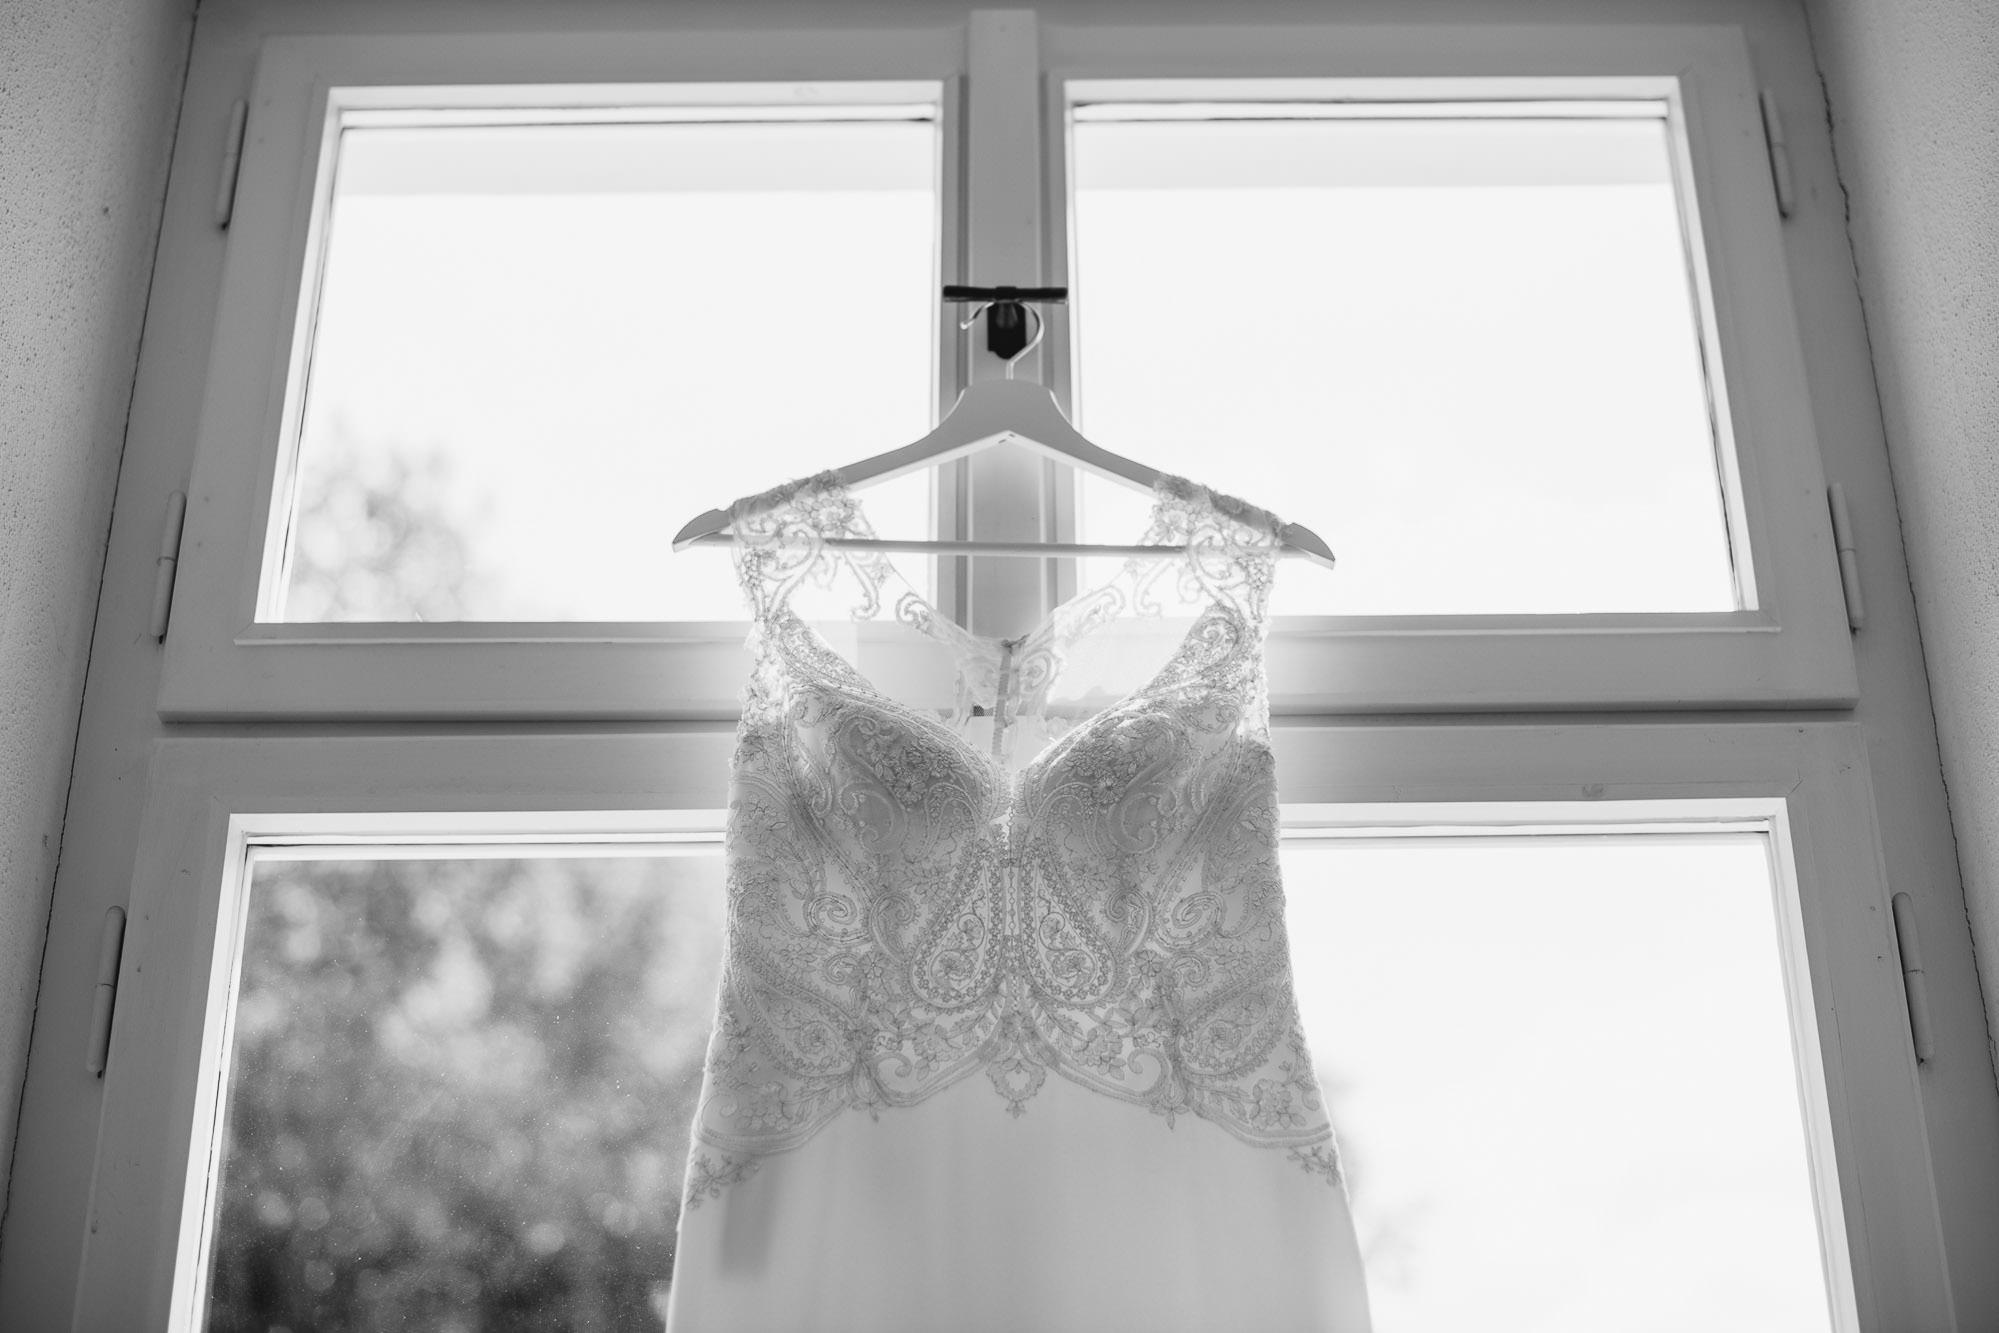 rustic-elegant-wedding-schloss-hochzeit-eyrichshof-franken-bamberg-006